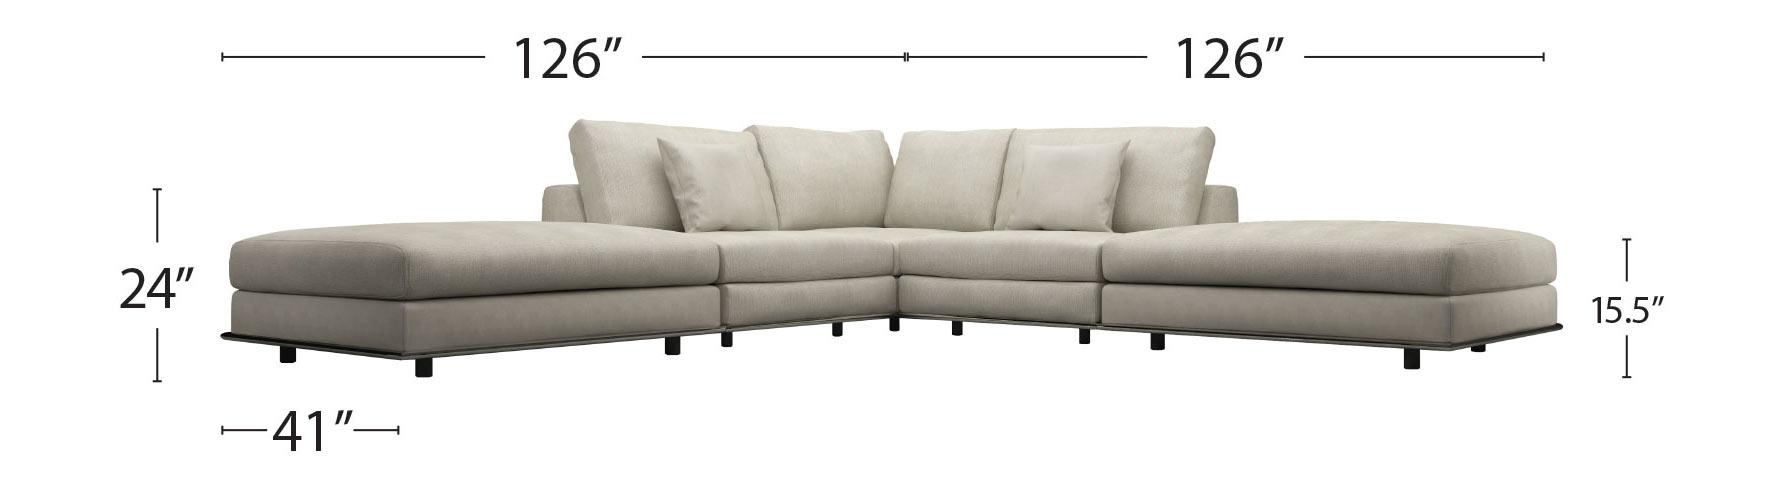 Perry Armless Corner Sectional Sofa Moonbeam By Modloft